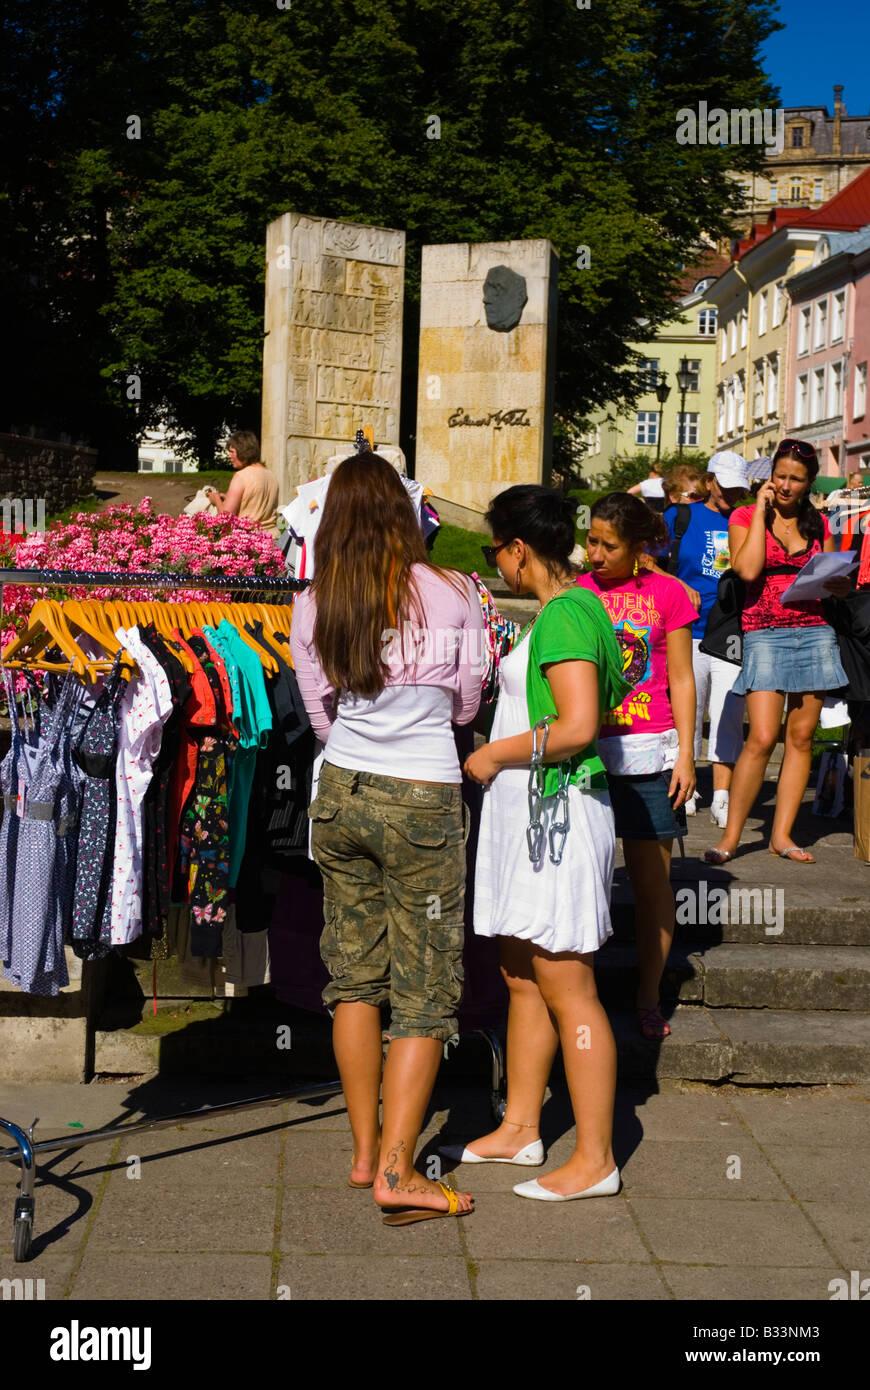 Bancarelle che vendono vestiti di fronte Niguliste chiesa nella città  vecchia di Tallinn Estonia Europa e29a5a15f80